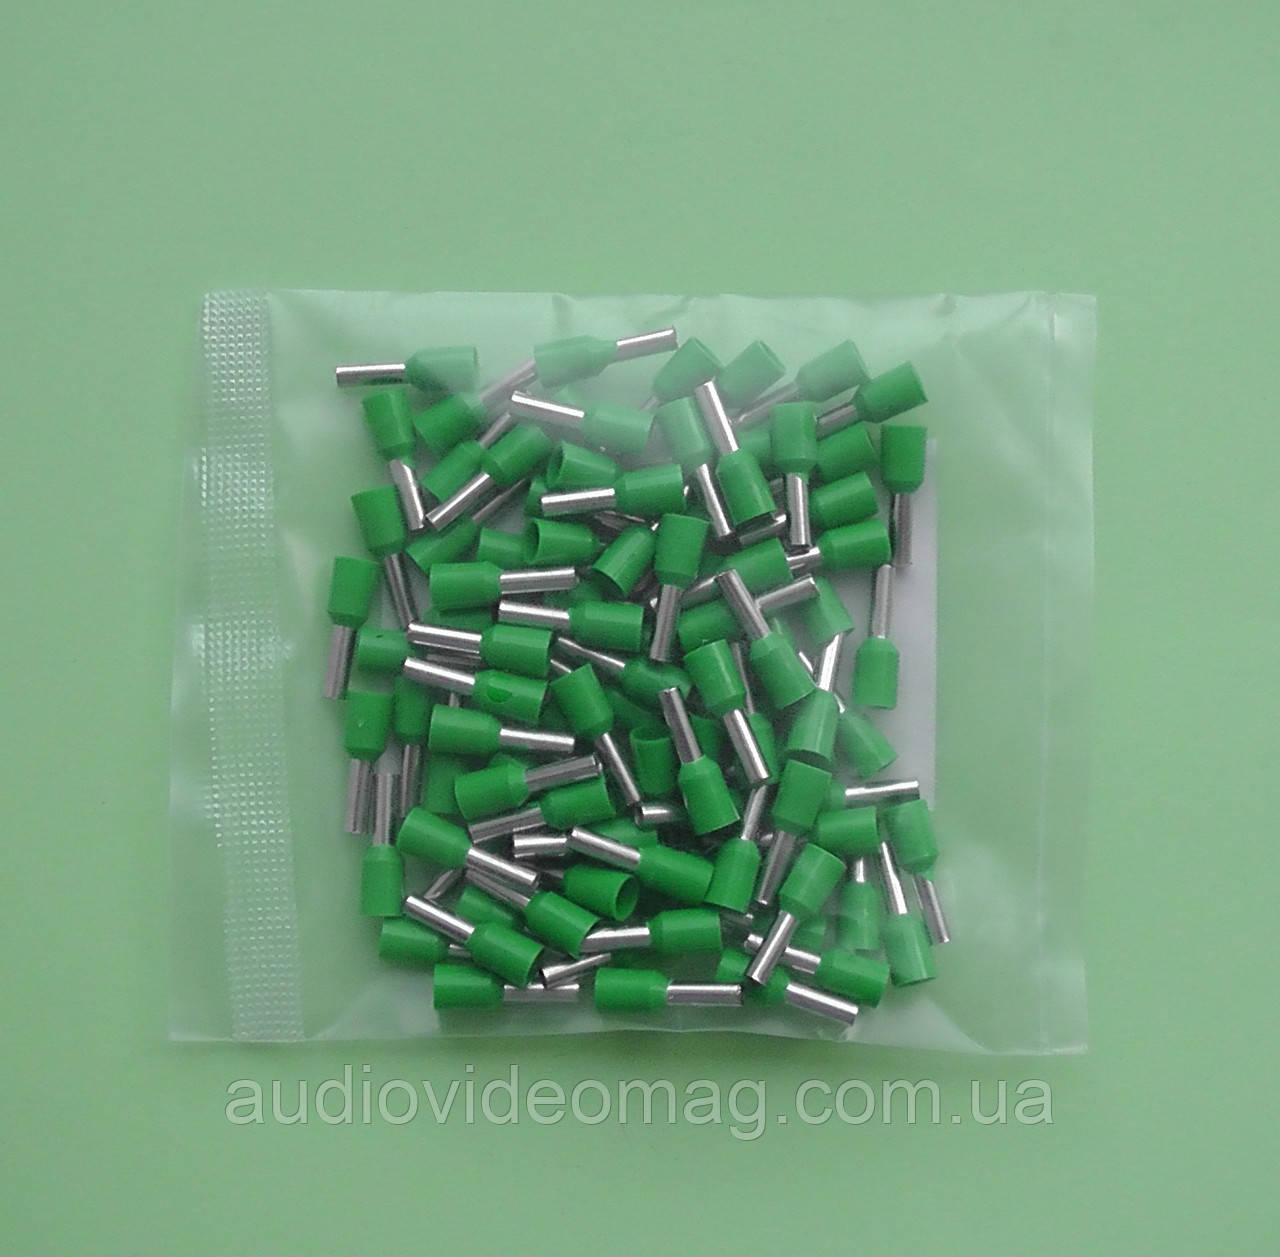 Наконечник кабельний втулковий НВ 2.5 / 8 мм, упаковка - 100 шт.